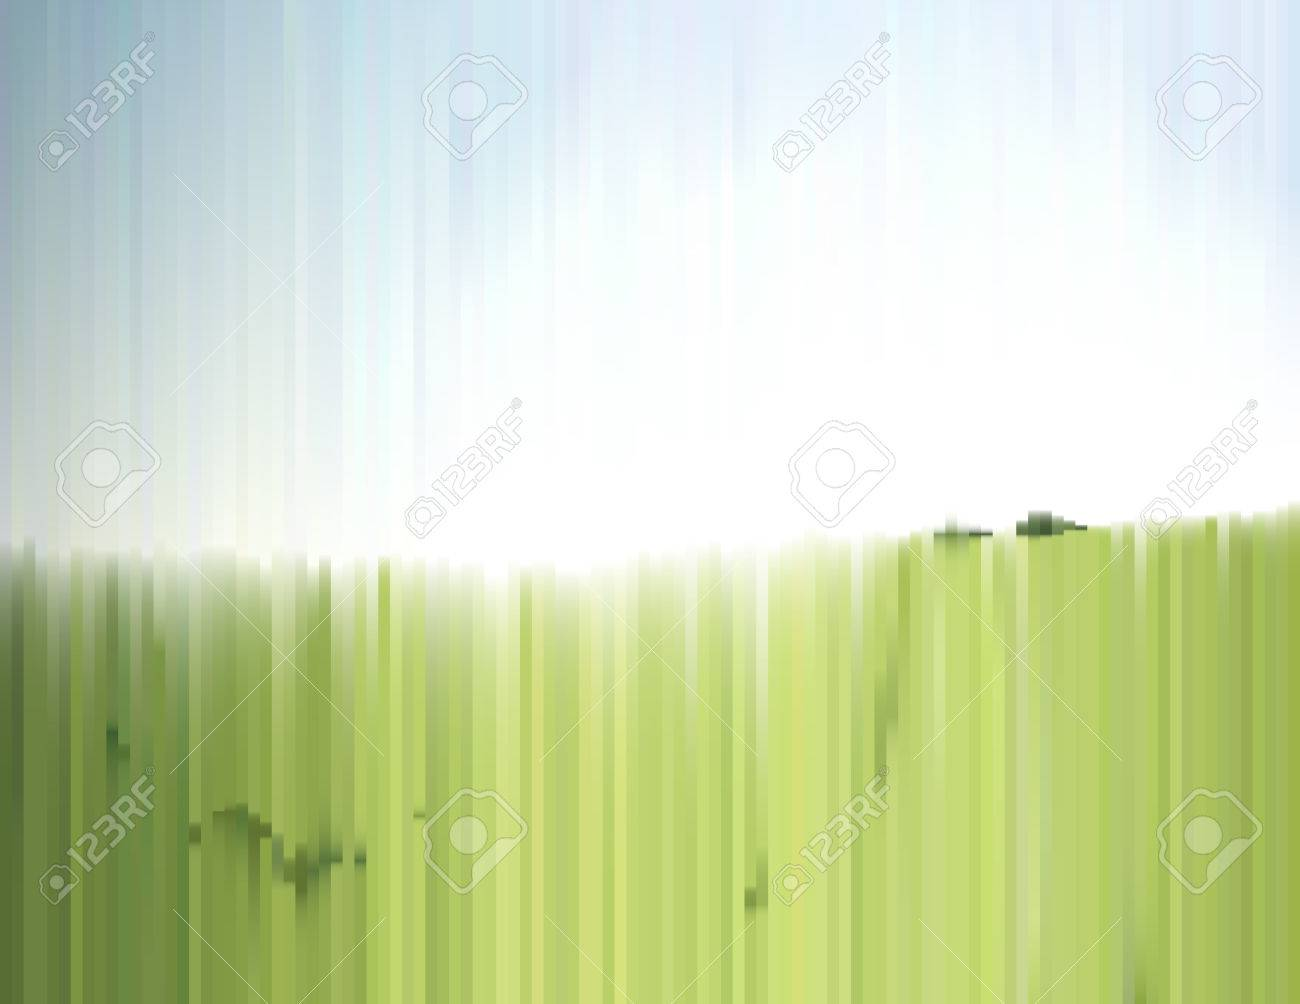 Paysage Dete Avec Effet Dune Photo En Tranches Vert Champ Dherbe Et De Ciel Clair Fond Degrade Pour Une Affiche Couverture Carte Visite